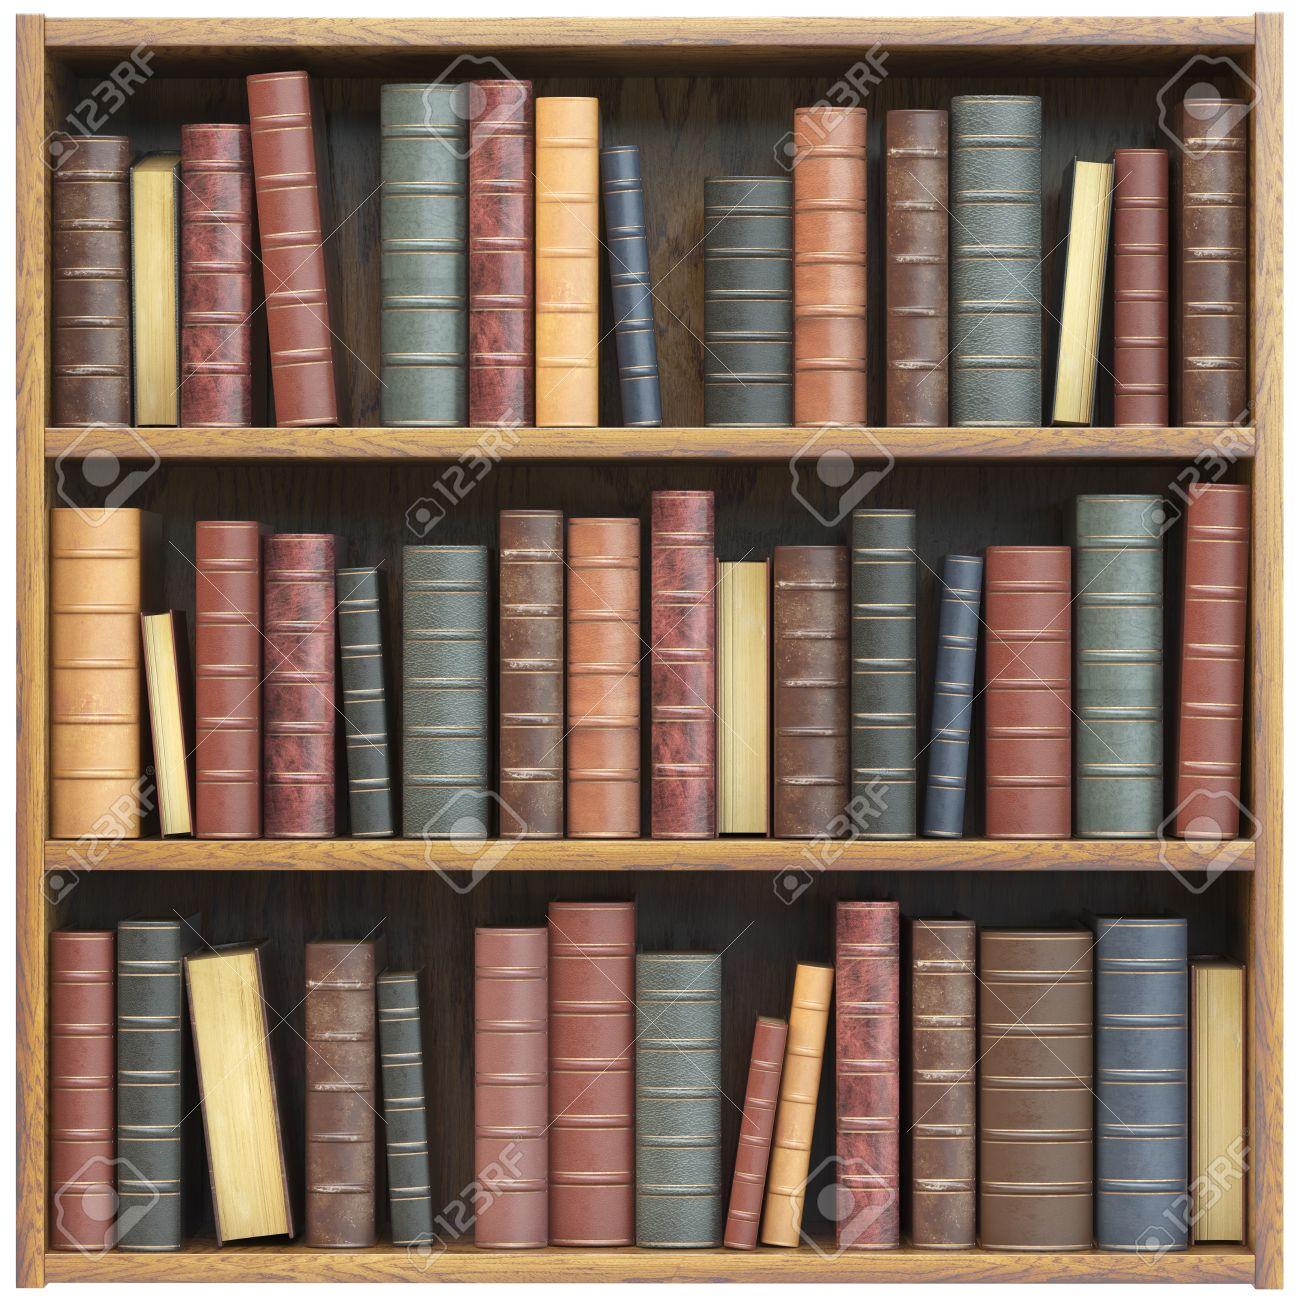 Boekenplank Met Boeken.Boekenplank Met Oude Boeken Geisoleerd Op Een Witte Achtergrond